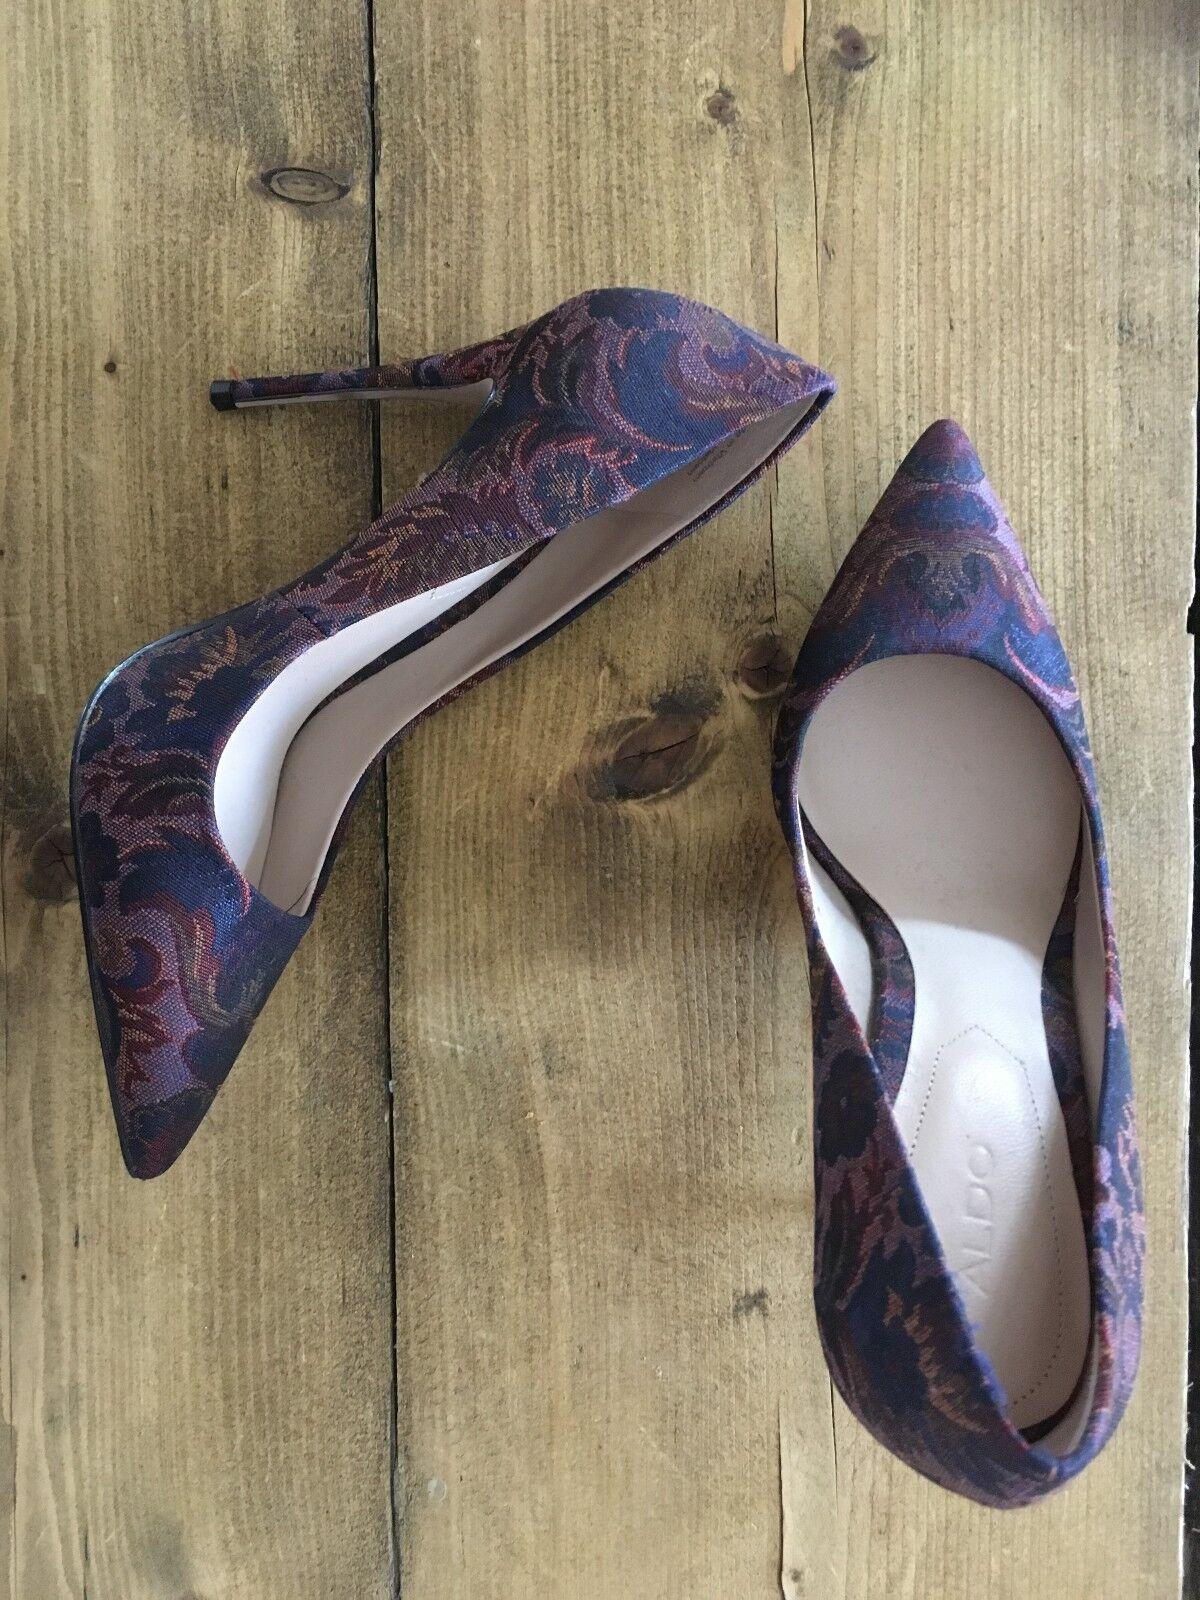 New Aldo Bordeau Tapestry Heels for Women Size 4.5